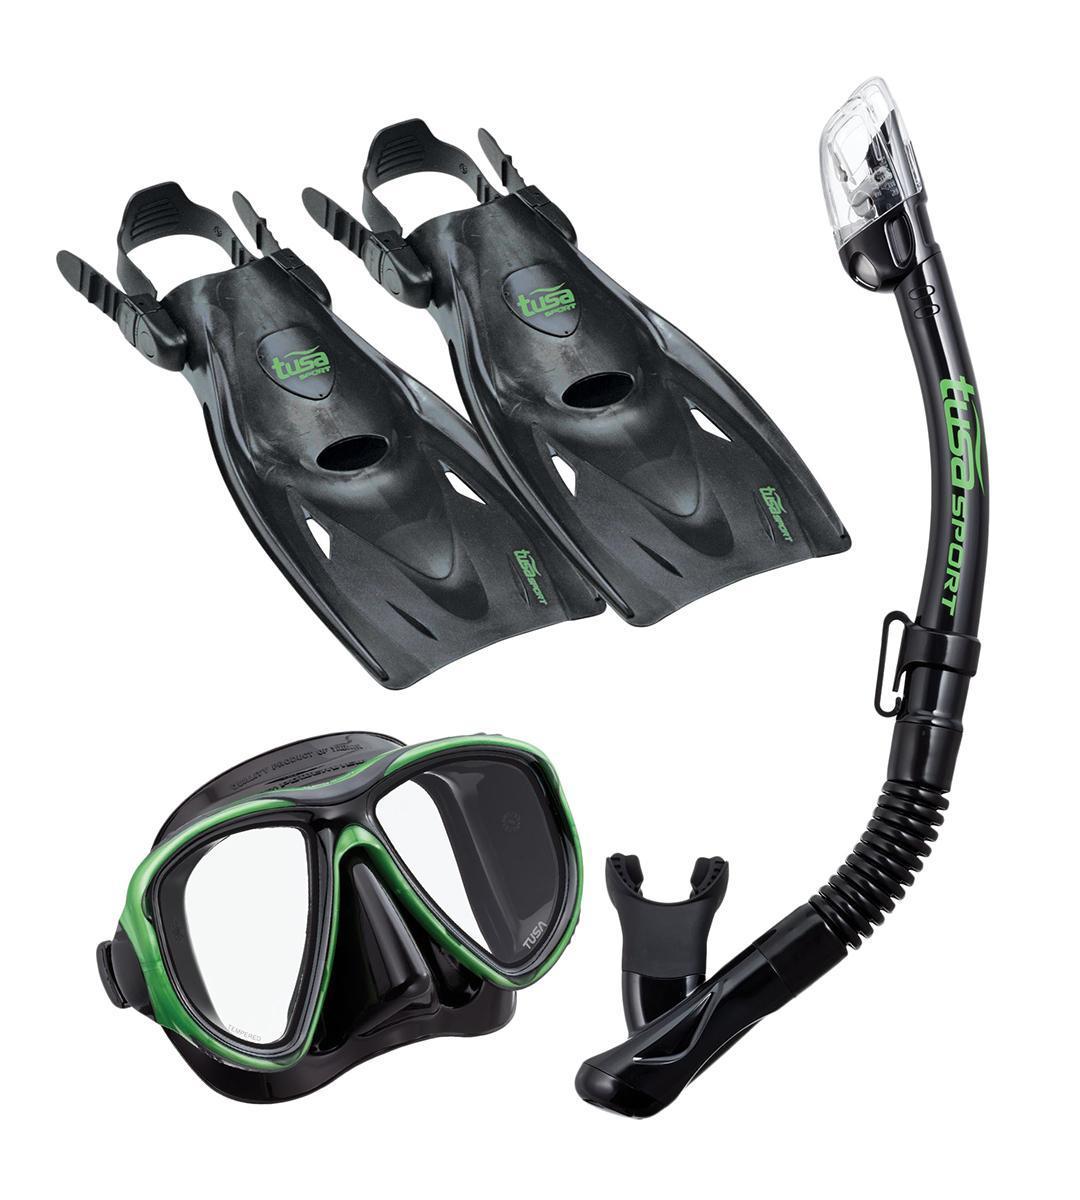 Комплект для плавания Tusa Sport TS UPR2521B BK/SG, р.L (40 -46) цвет: черный, зеленый, размер 40-46TS UPR2521B BKSGКомплект для путешествийPowerviewdry с сухой трубкойвключает двухлинзовую маску с увеличенным полем зрения, регулируемым ремешком с пряжками, линзами из закаленного стекла ClearVu, ремешком и обтюратором из гипоаллергенного силикона. Хорошо садиться на узкие и средние лица. Возможность установки диоптрийных линз (приобретаются отдельно). Трубка оснащена сухим верхним клапаном с запатентованной технологией TUSA Hyperdry Elite, защищающим трубку от попадания воды, дренажной камерой и стравливающим клапаном для легкой очистки трубки от воды, а гофрированный сегмент и загубник выполнены из прозрачного гипоаллергенного силикона.Ласты усовершенствованного дизайна имеют укороченную лопасть Мульти-флекс с технологией гидродинамических каналов для максимальной эффективности гребка и удобную калошу из мягкого, но прочного материала. Открытая пятка позволяет легко и быстро подгонять ласты по размеру, а прочный силиконовый ремешок обеспечивает комфорт. Эта модель ласт, несмотря на компактный размер, обеспечивает большую мощность гребка. Ласты имеют небольшой вес и идеально подходят для путешествий.Комплект поставляется со специальной сумочкой для перевозки. Характеристики:Материал: пластик, силикон, стекло, резина. Размер маски: 15 см x 10 см. Размер ласт: 40-46. Размеры ласт(ДхШ): 34 см х 16,5 см. Общая длина трубки: 45 см. Размер упаковки: 49 см x 25 см x 11 см. Производитель: Тайвань. Артикул:TS UPR2521B BKSG.